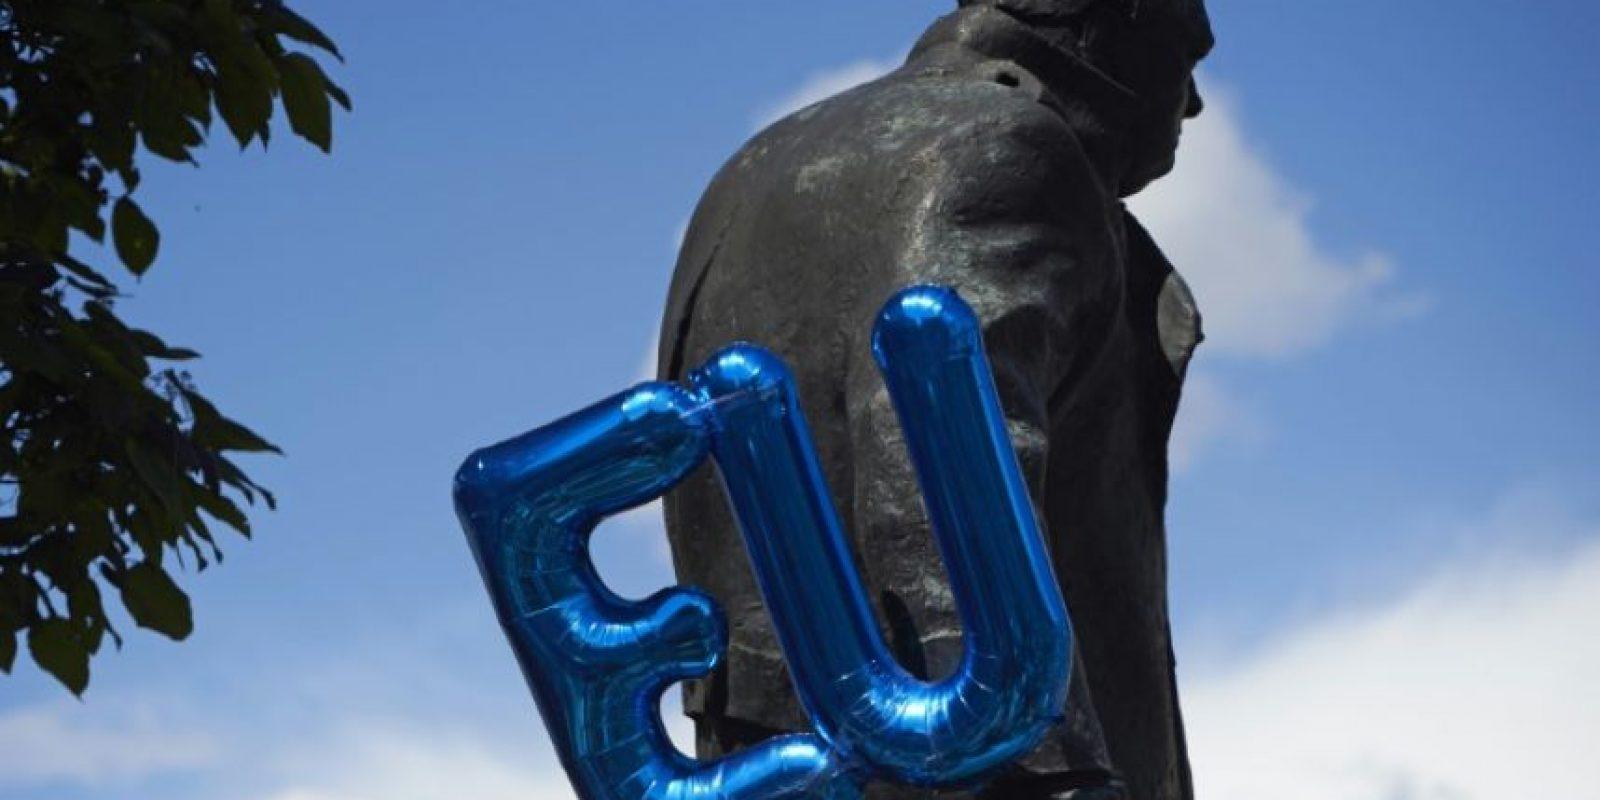 Un globo con las iniciales de la Unión Europea (UE) junto a la estatua del exdirigente británico Winston Churchill en la Plaza del Parlamento de Londres, en una protesta contra el Brexit, el 2 de julio de 2016 Foto:Niklas Halle'n/afp.com